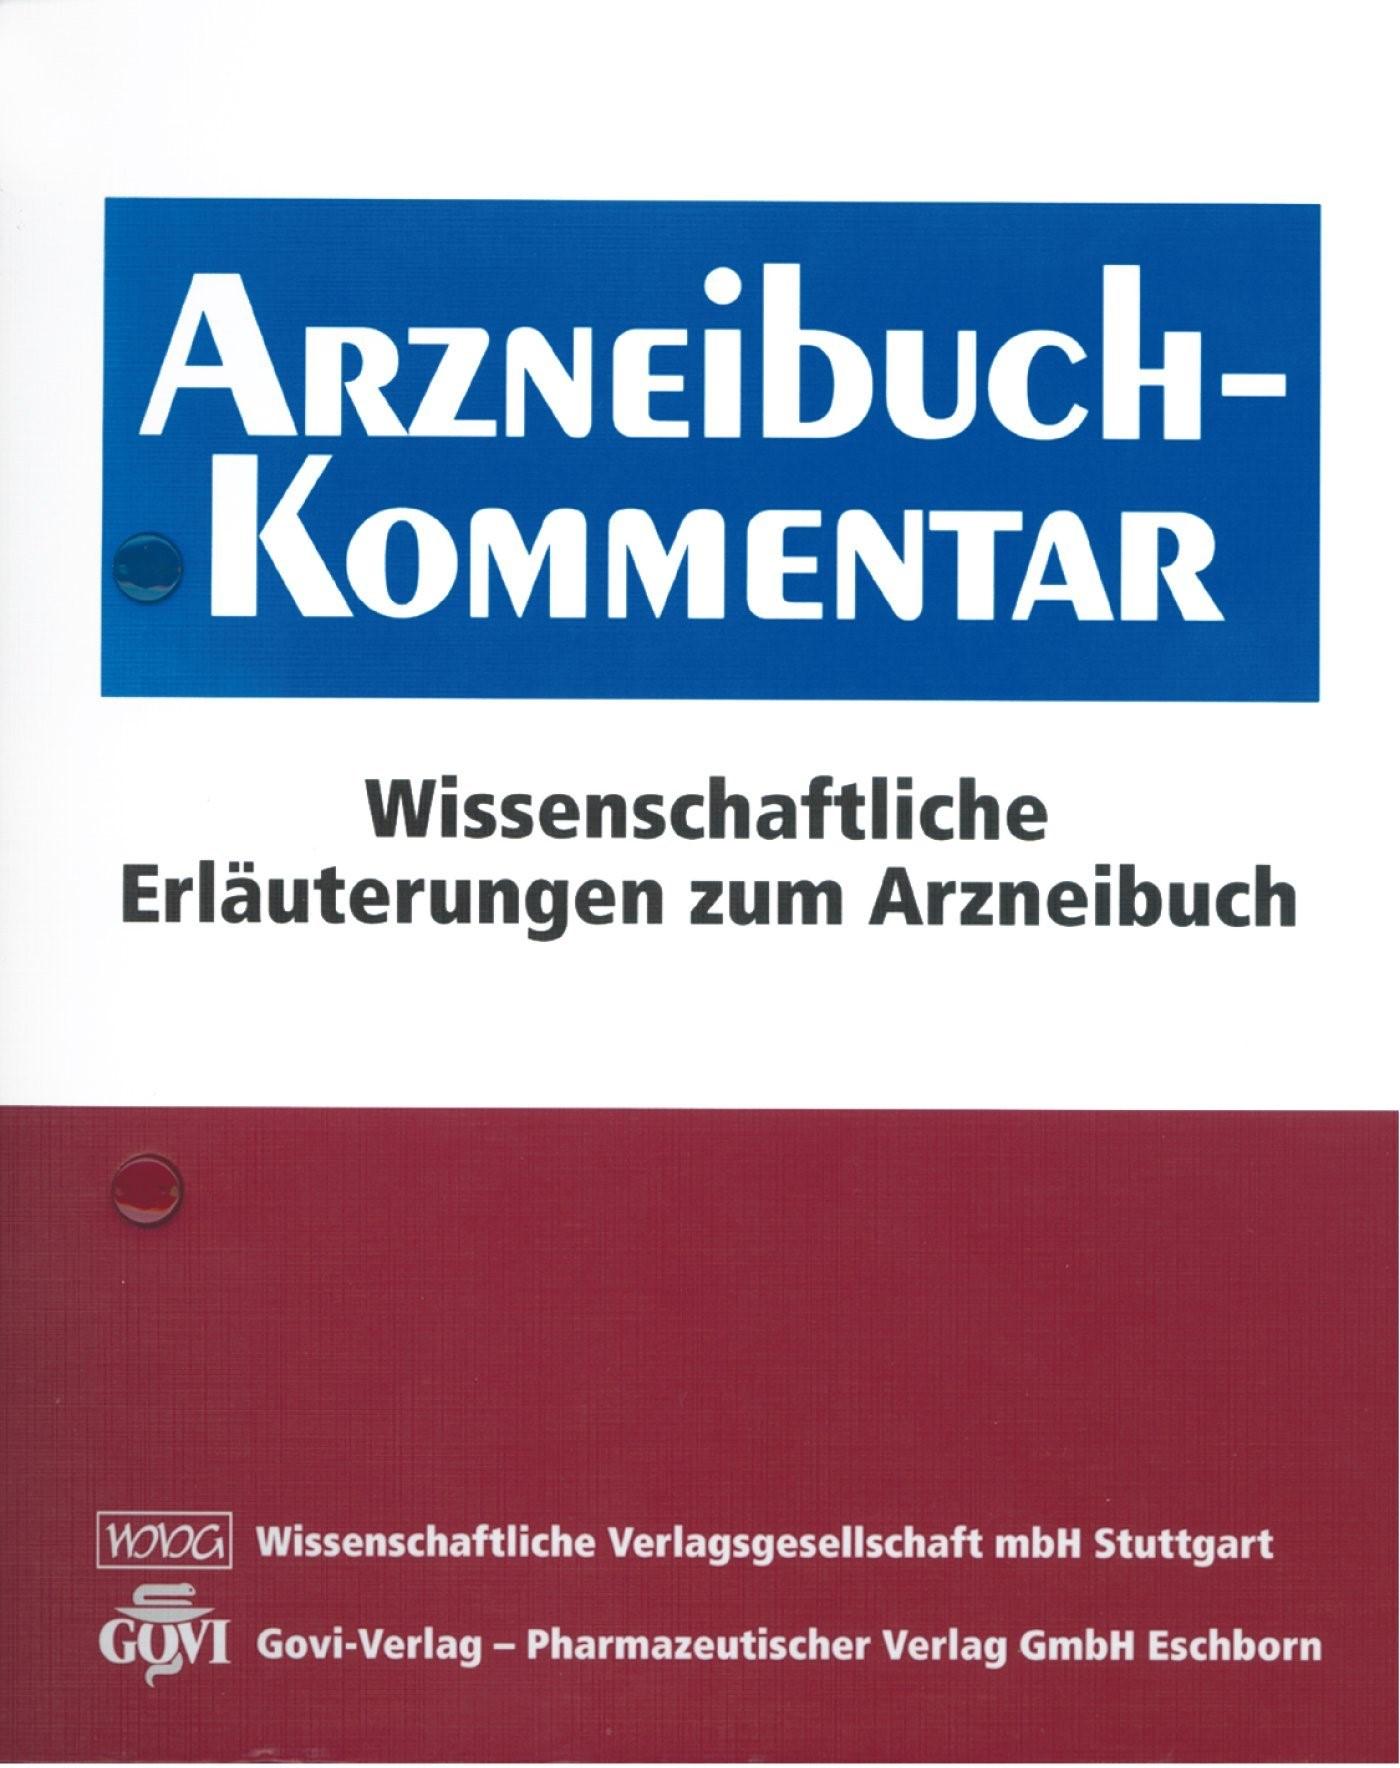 Abbildung von Bracher / Heisig / Langguth / Mutschler / Rücker / Schirmeister / Scriba / Stahl-Biskup / Troschütz | Arzneibuch-Kommentar | 2018